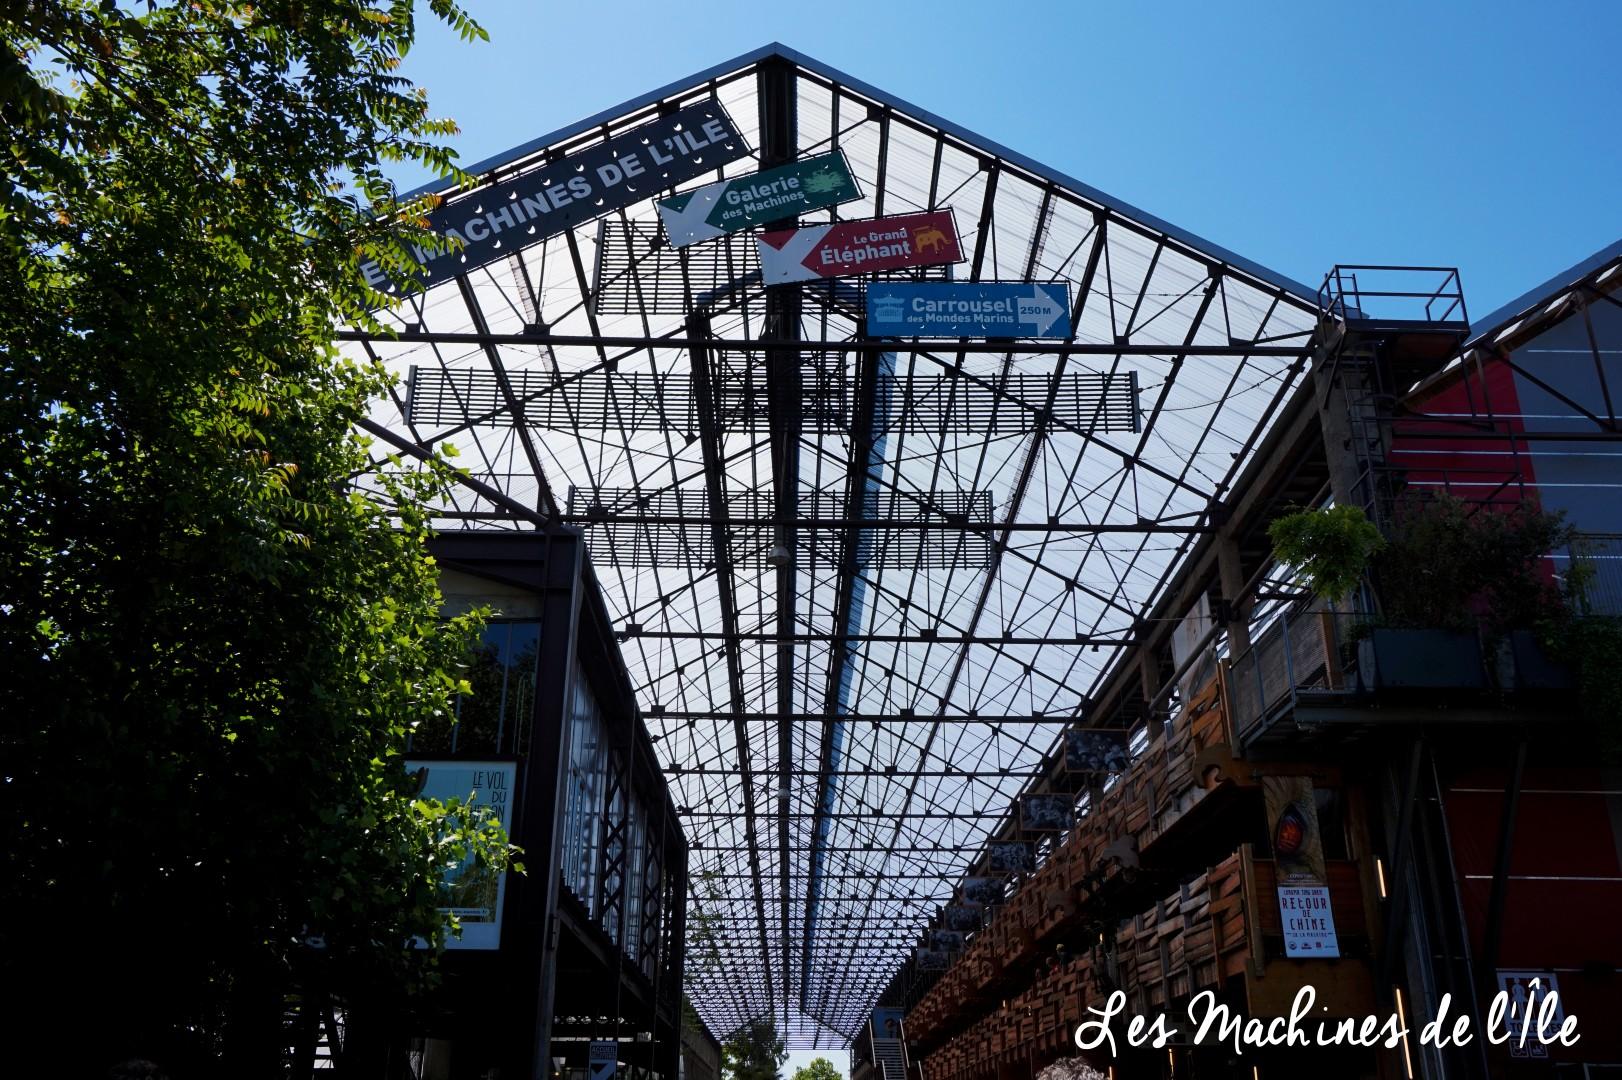 Un weekend à Nantes - Ile de Nantes - Les Machines de l'ïle